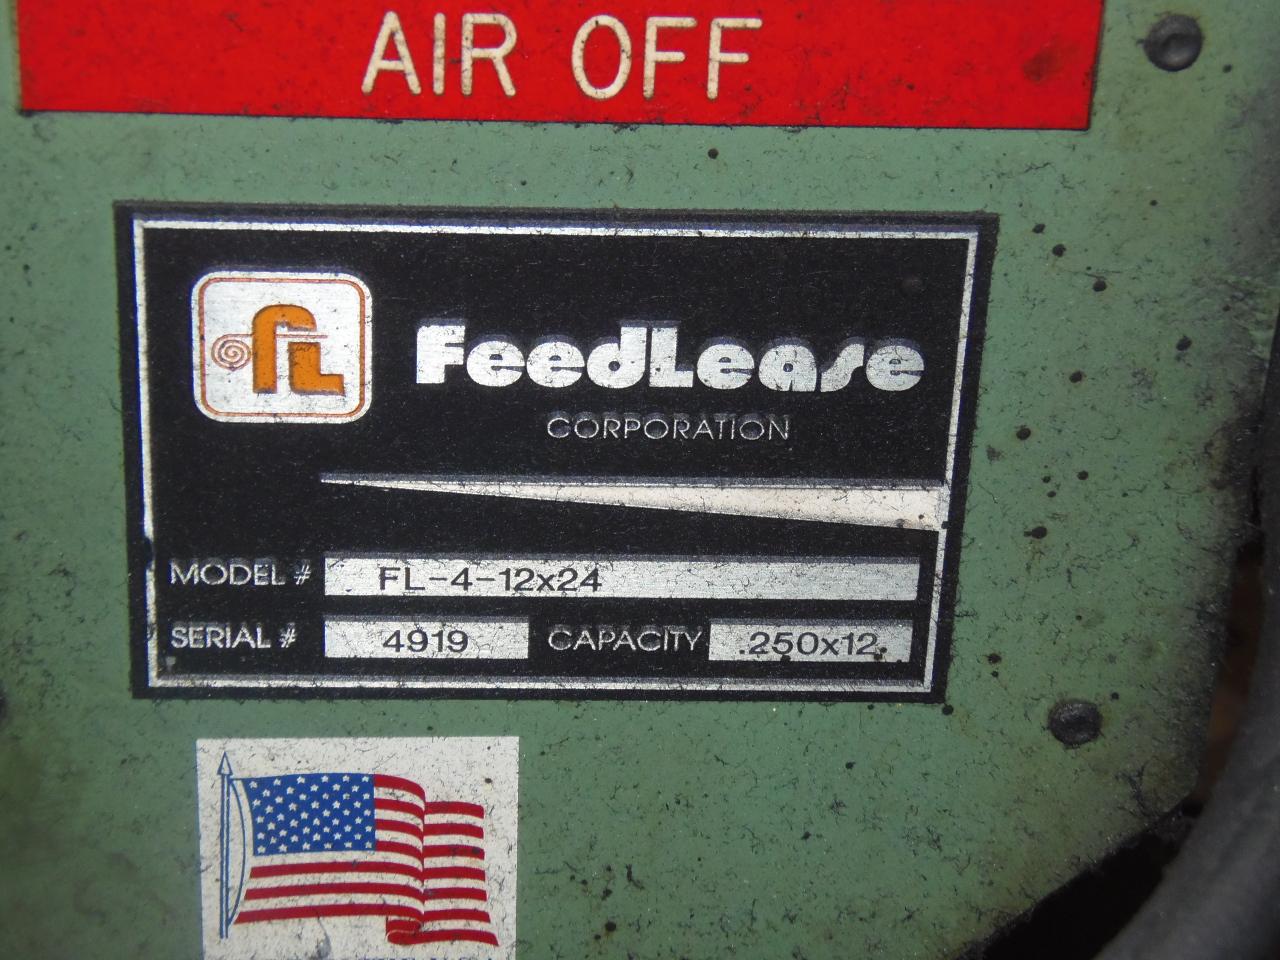 """.250 X 12"""" FEED LEASE AIR FEEDER, MODEL FL-4-12X 24, FEED LENGTH 24"""""""